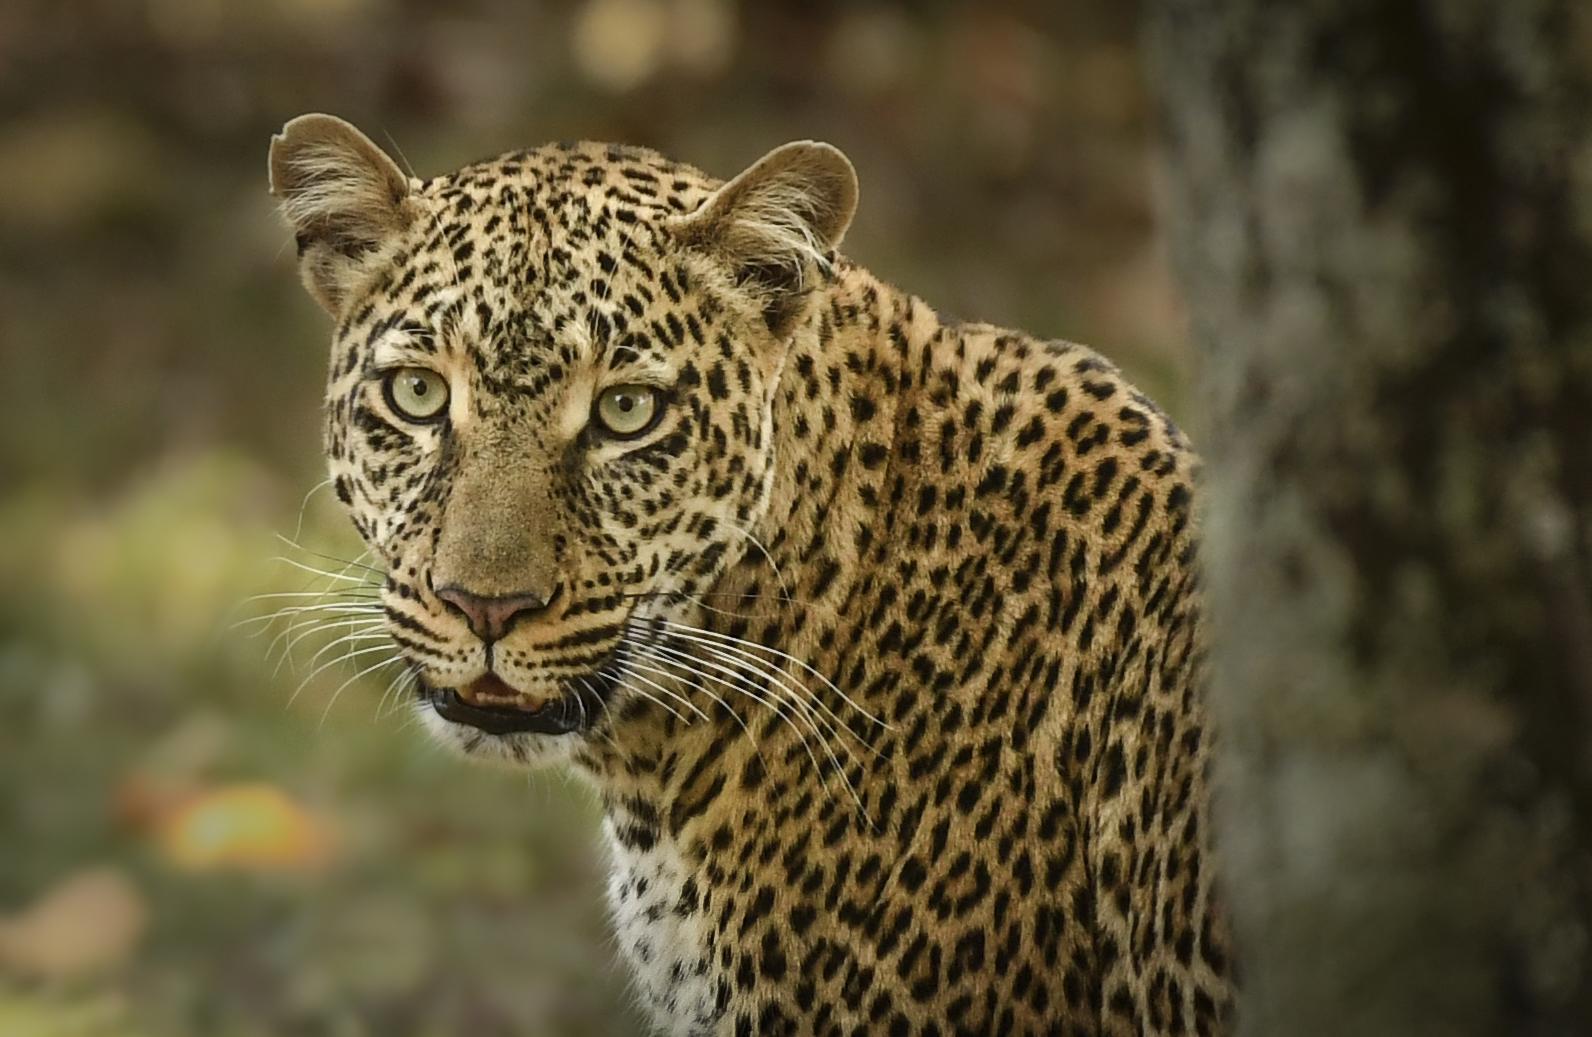 Nkorombo leopard -1139-3_WEB.jpg